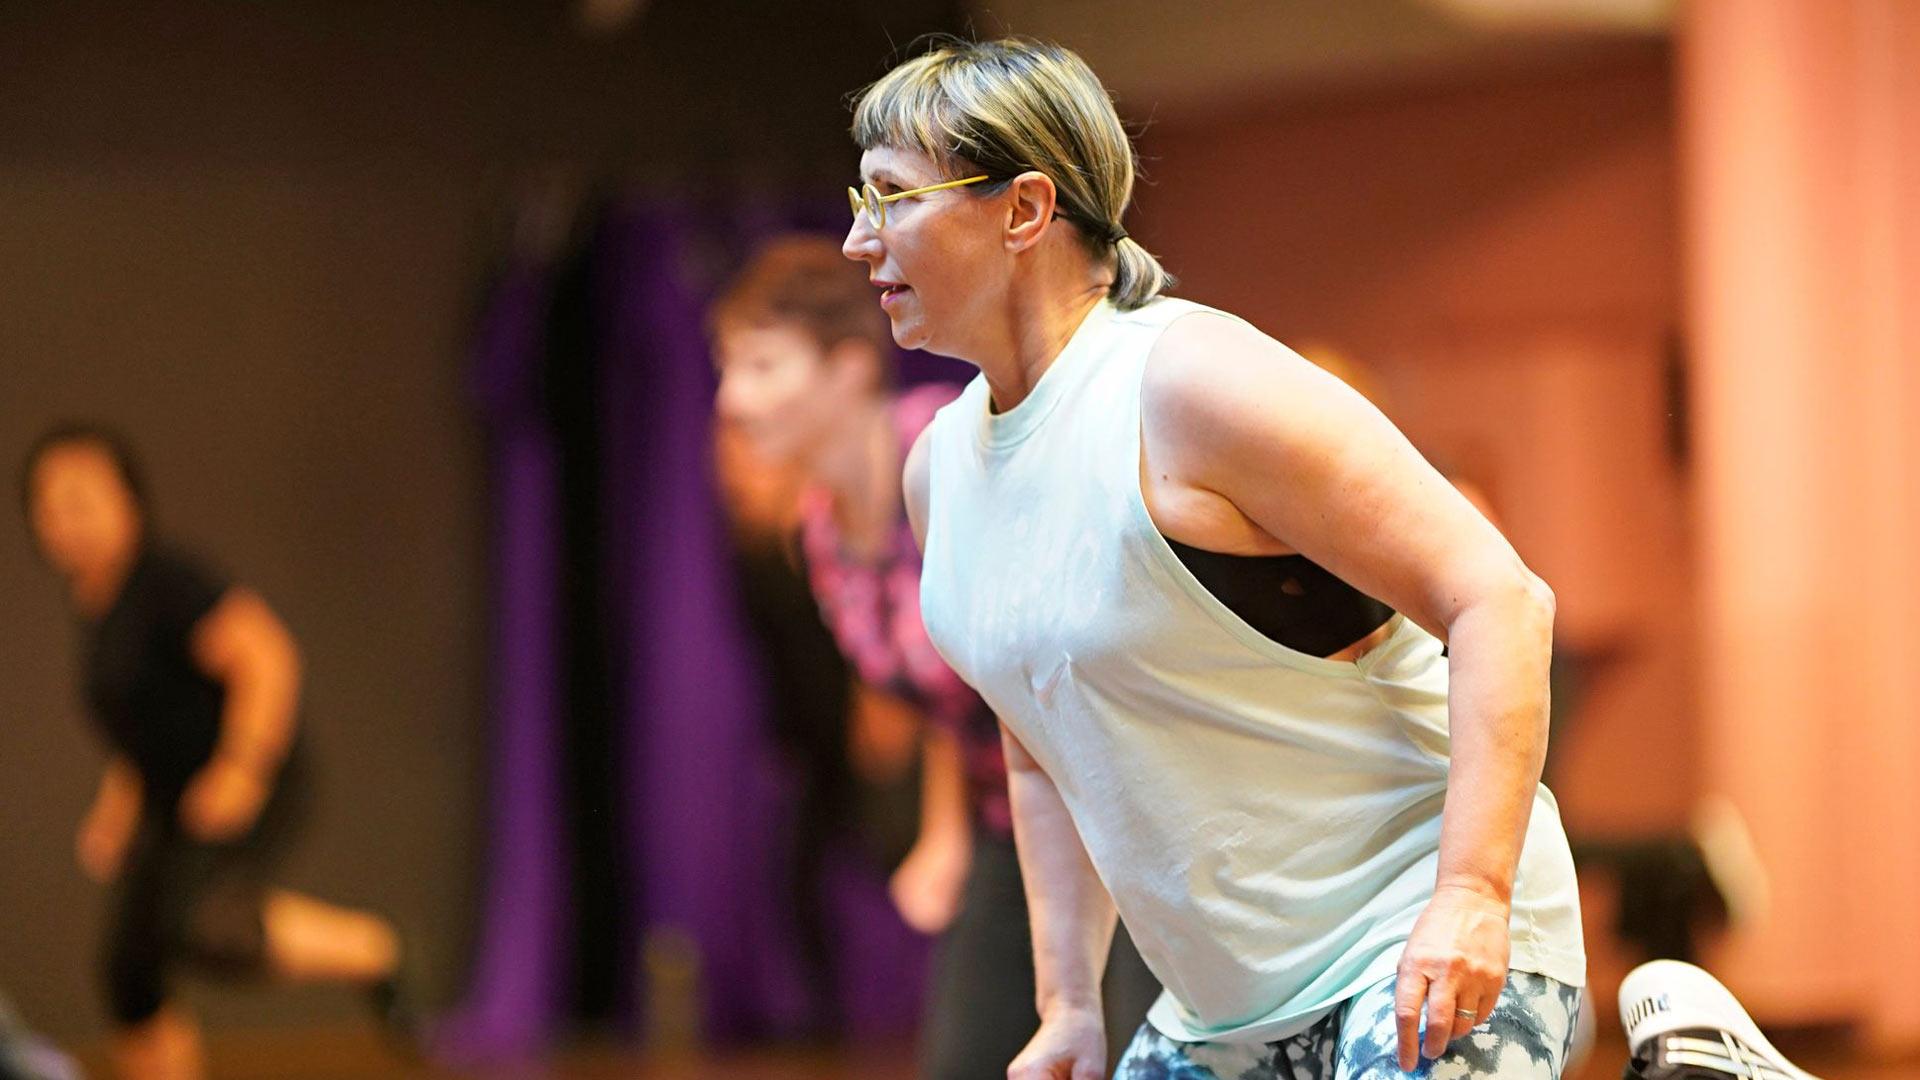 BodyJam-tunti saa aikaan sisäisen hurmoksen. Musiikki ja tanssi menevät ihon alle.